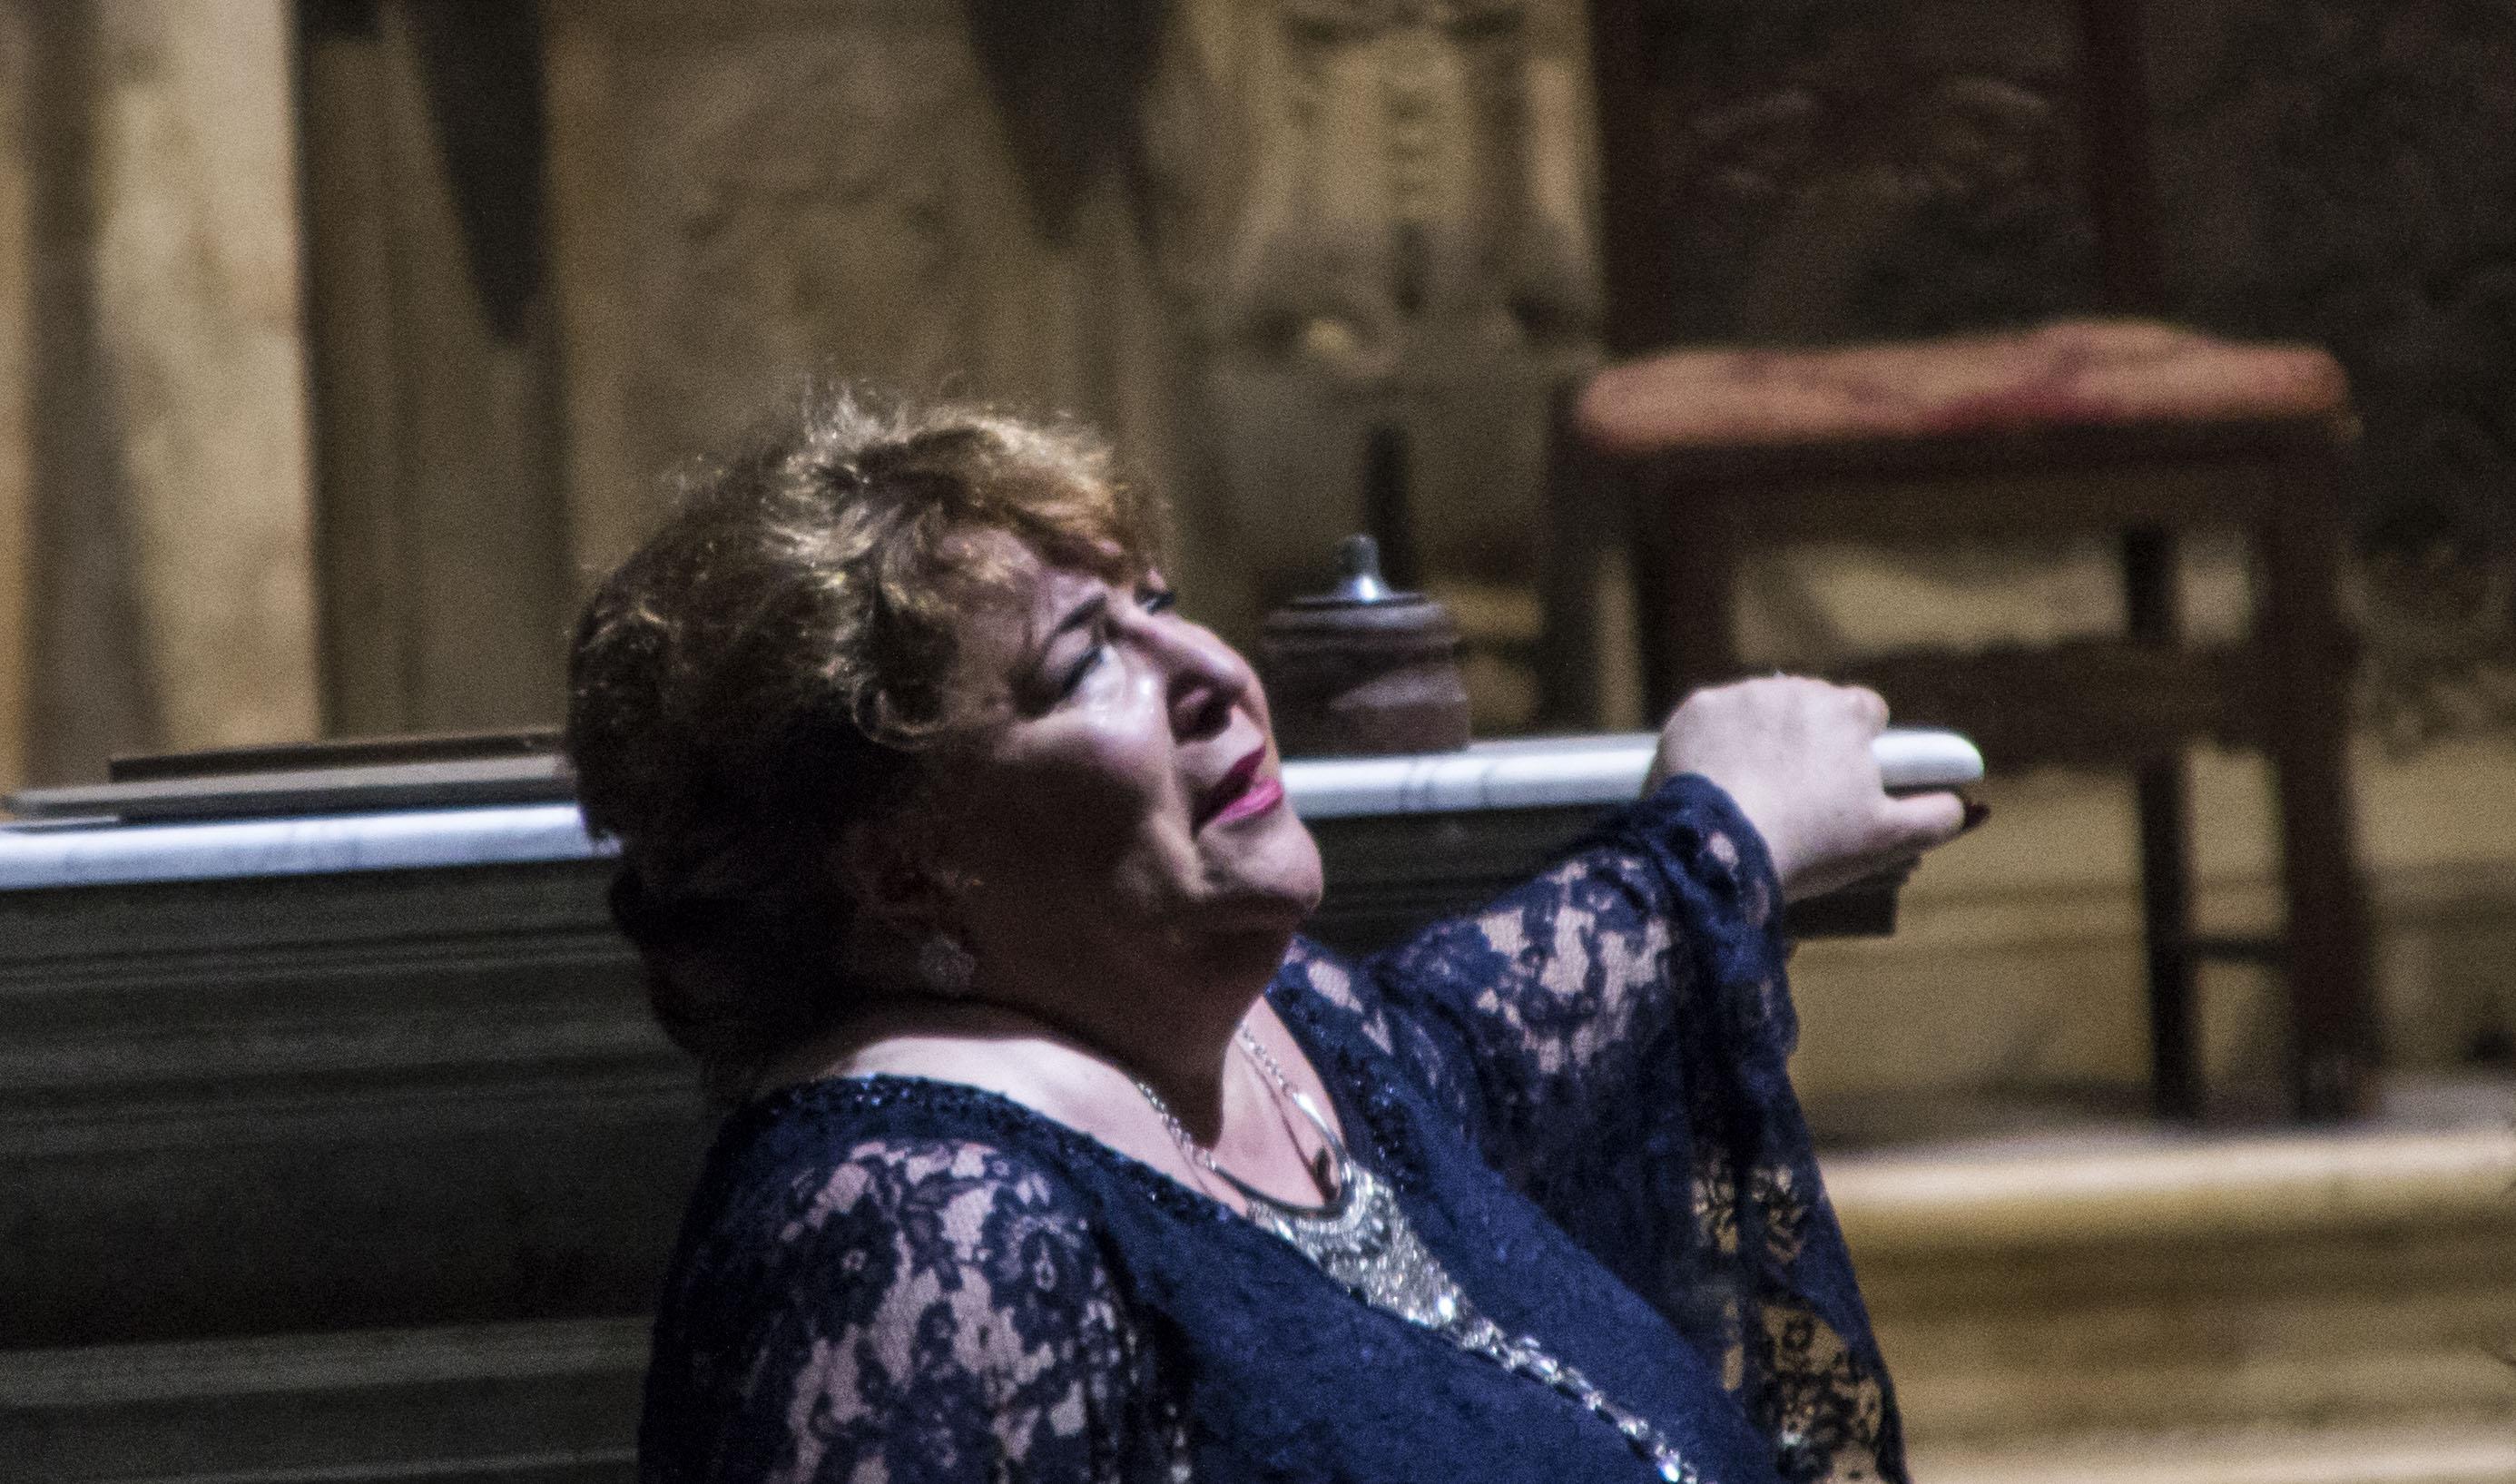 Il soprano Aprile Millo omaggia Charles Dickens